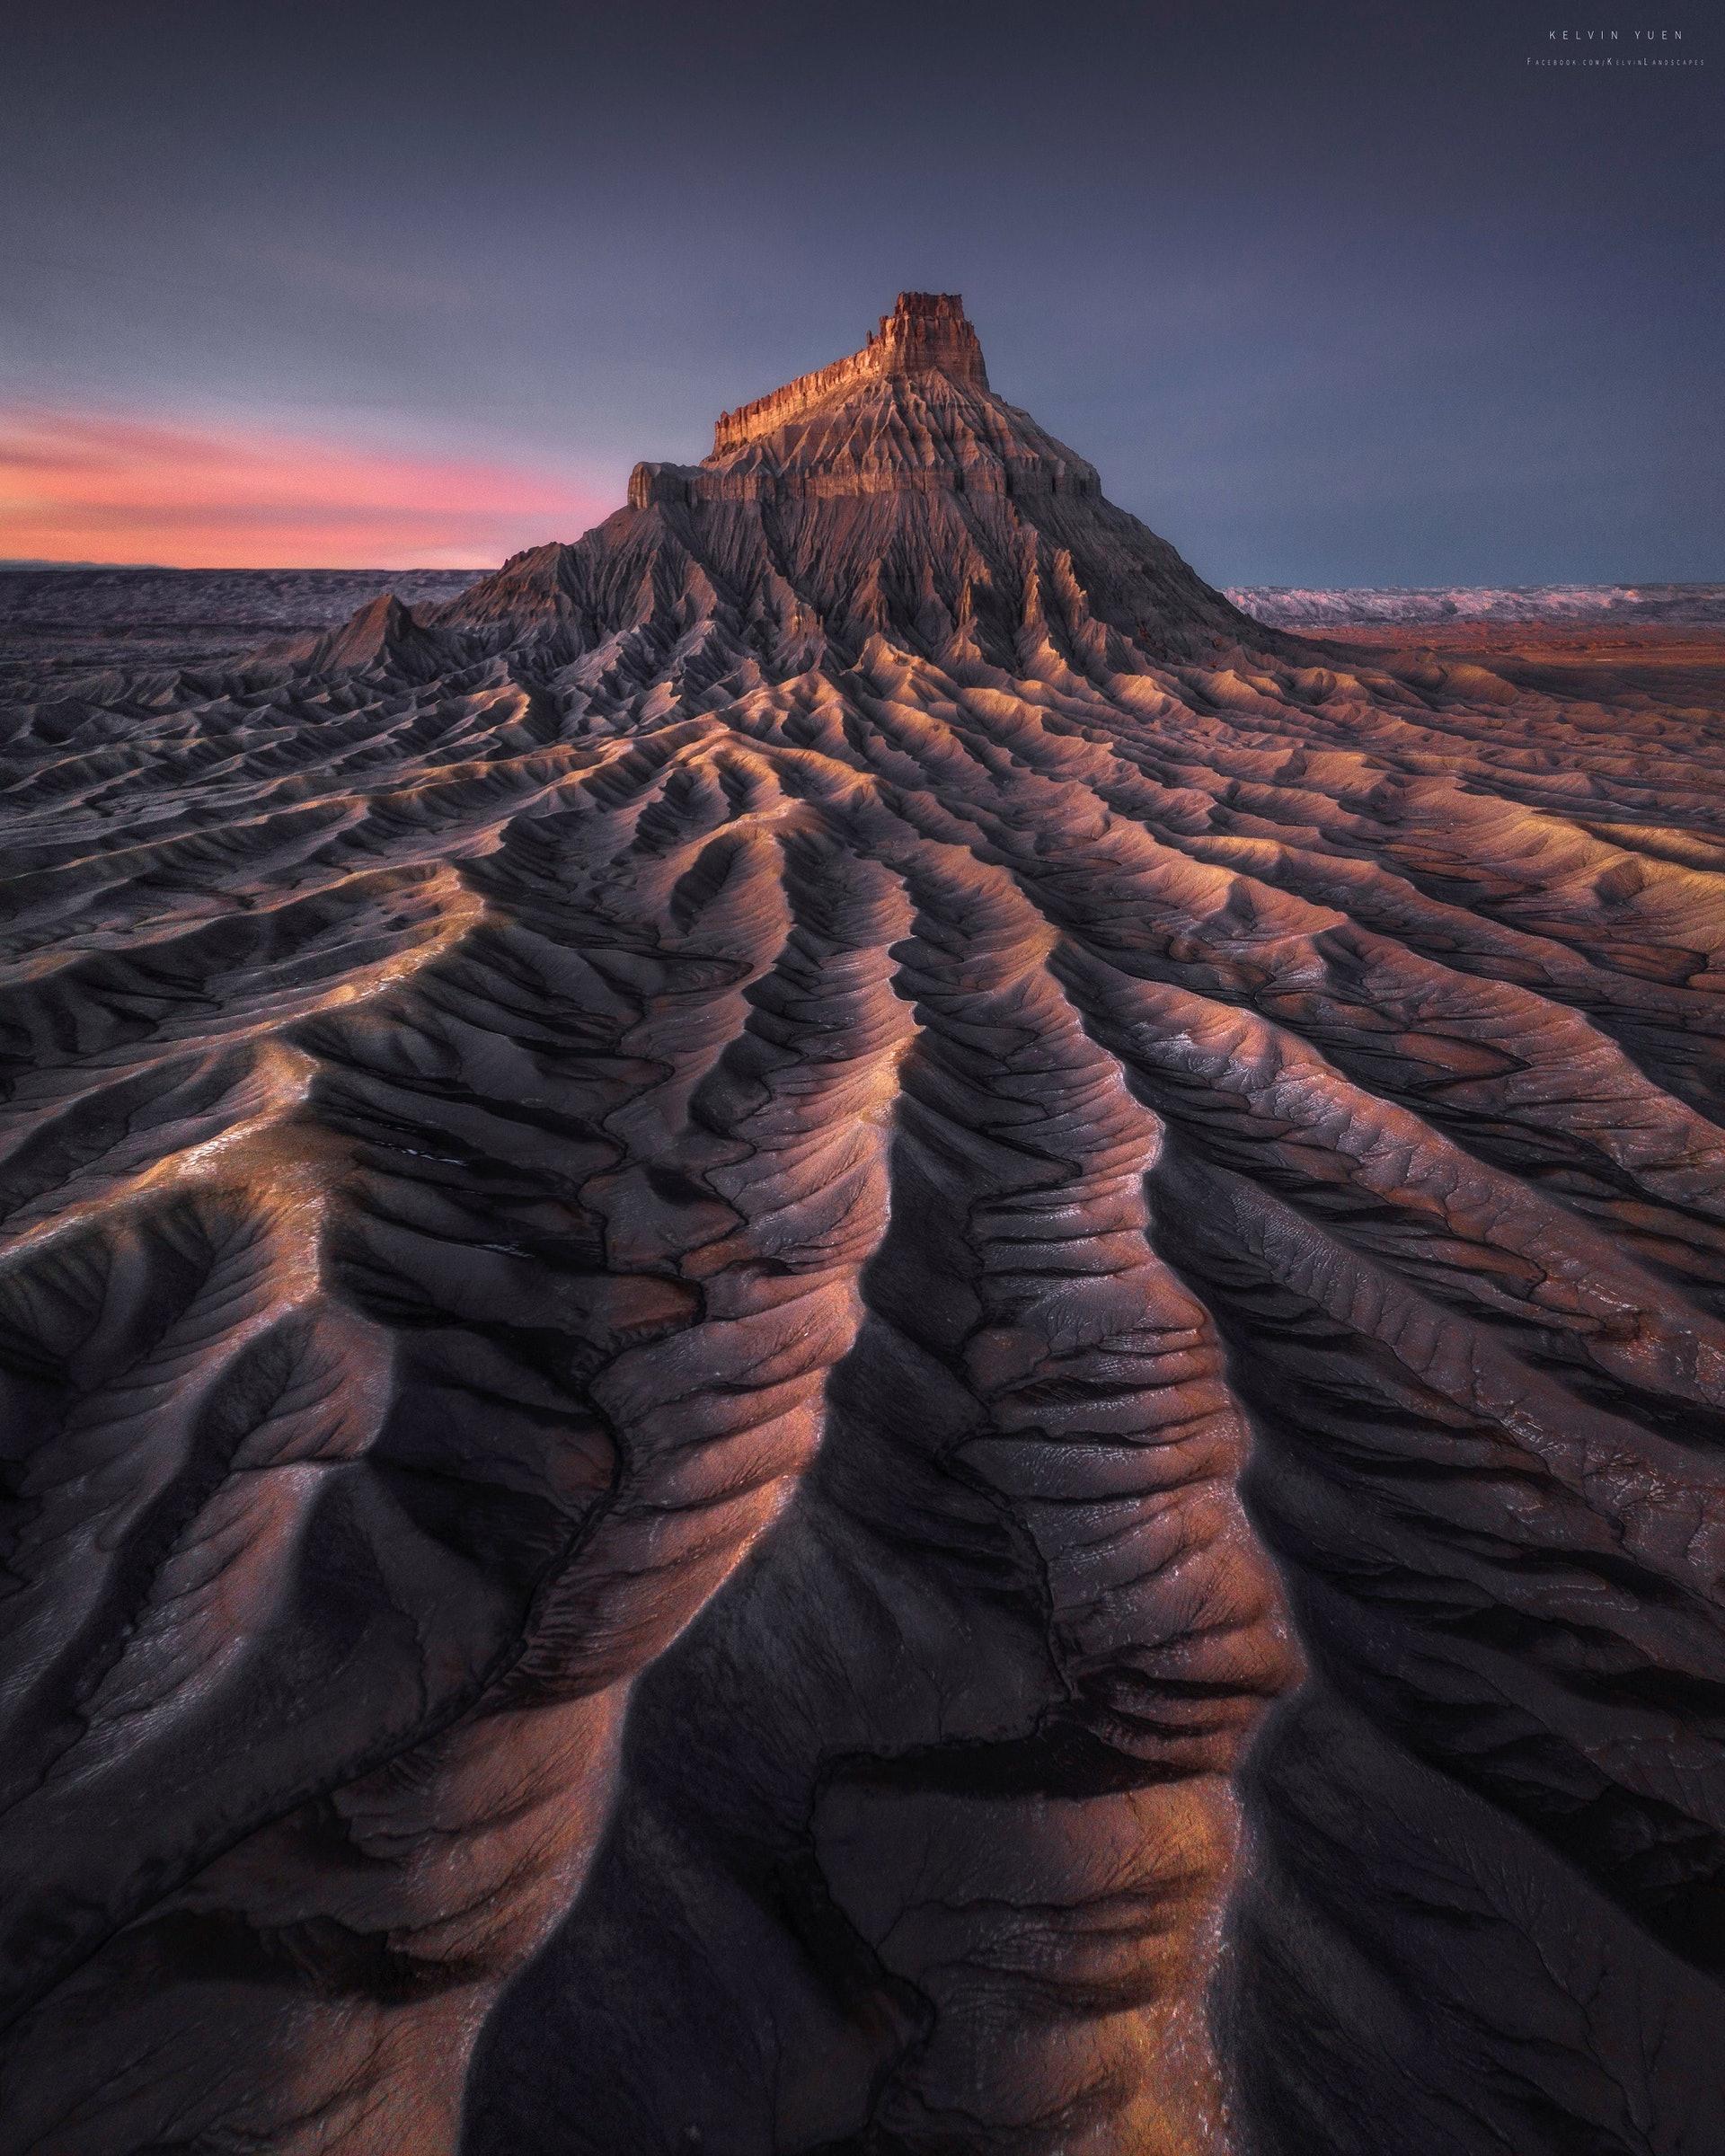 這張照片攝於美國圓頂礁國家公園,名為Mars。(由受訪者提供/Kelvin Yuen攝)